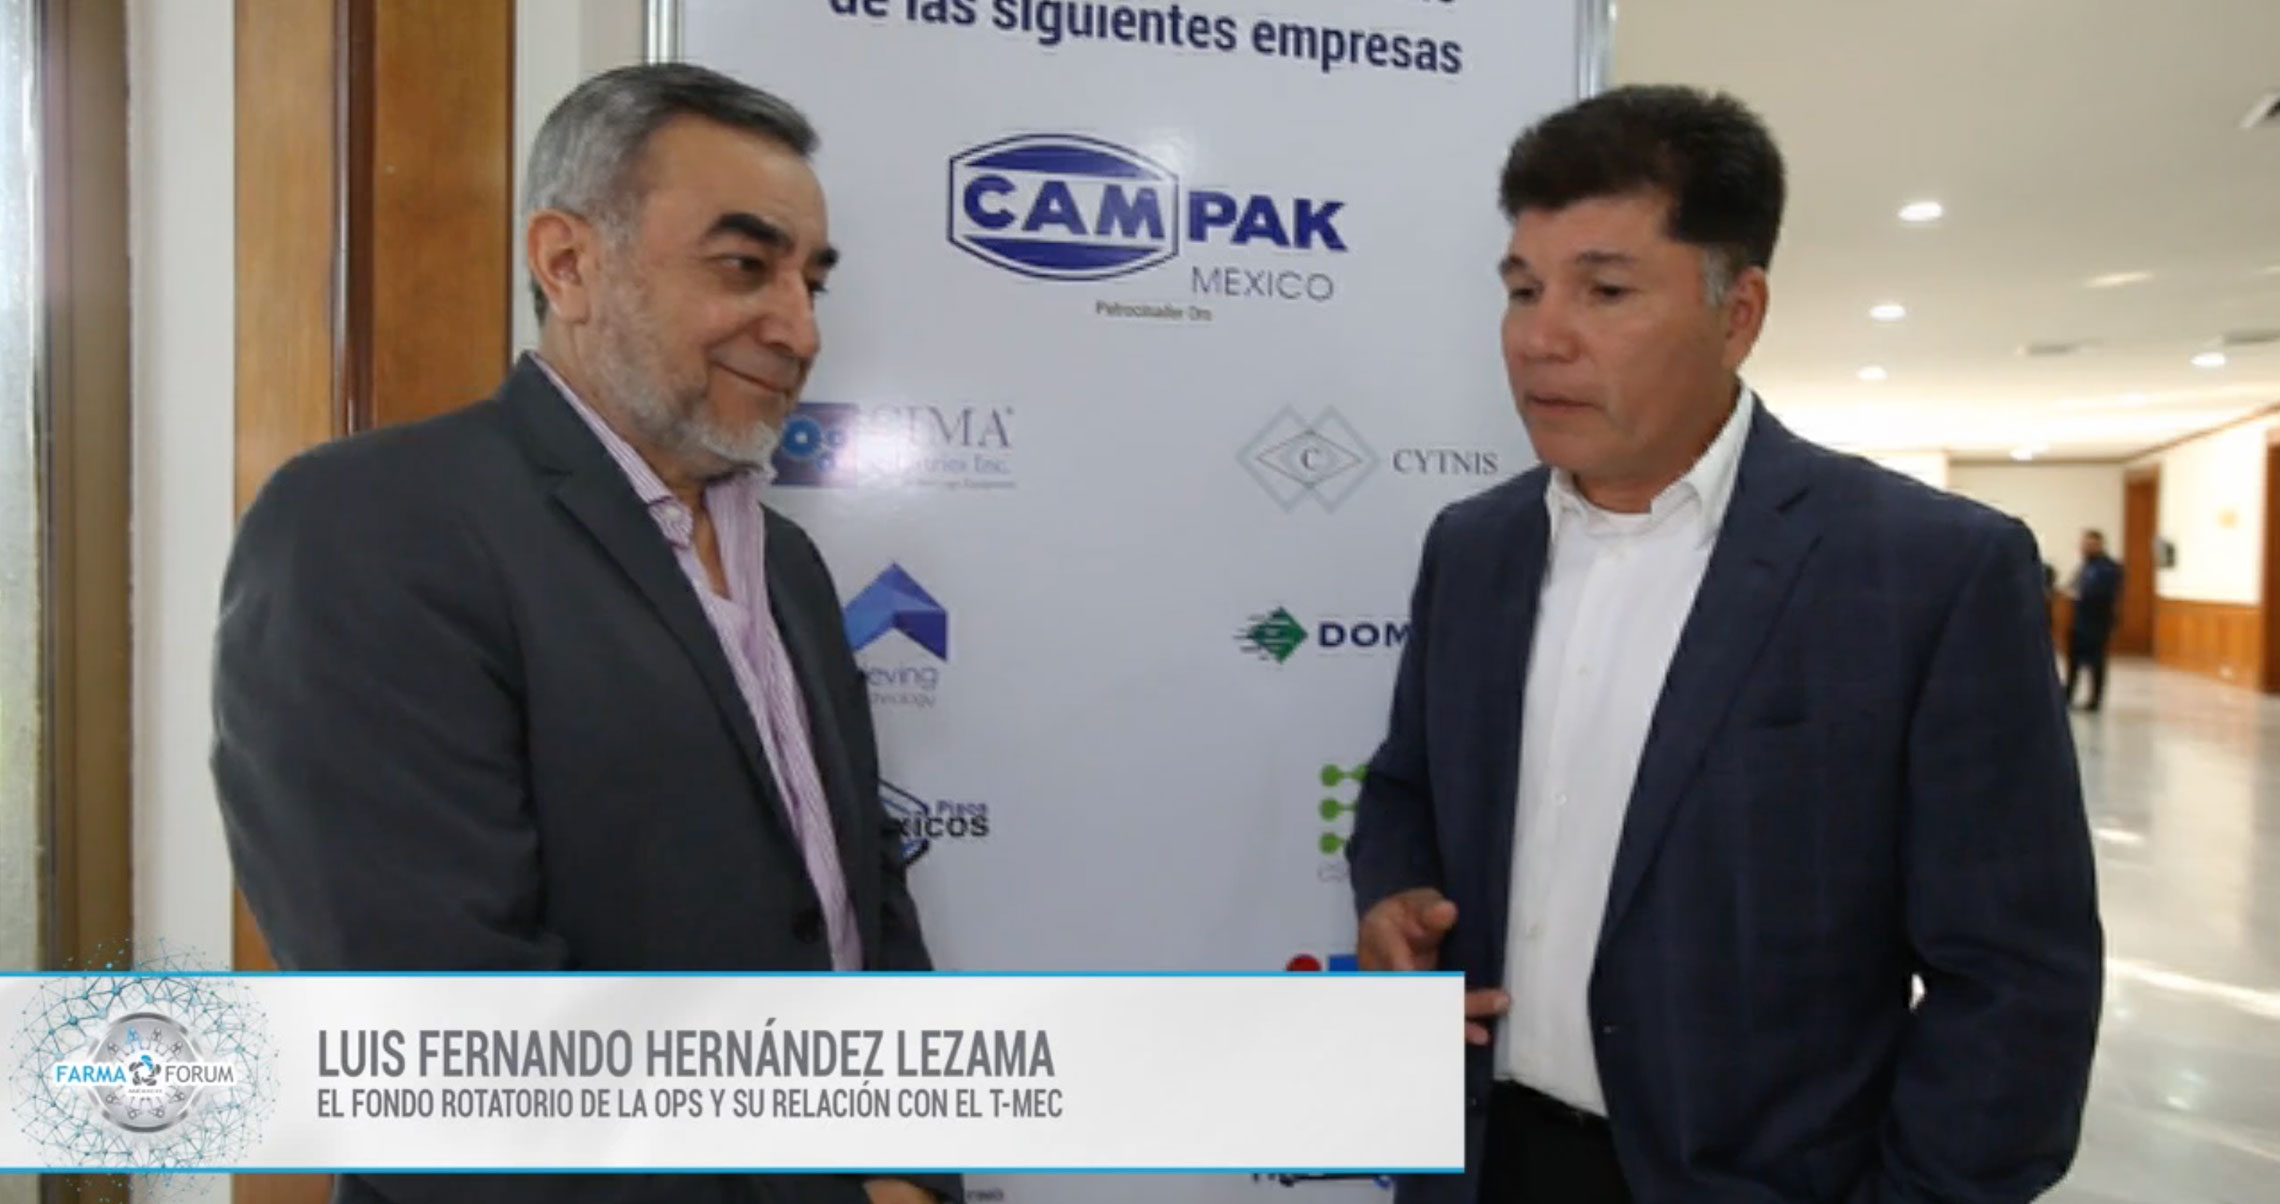 Luis Fernando Hernández en el FarmaForum 2019